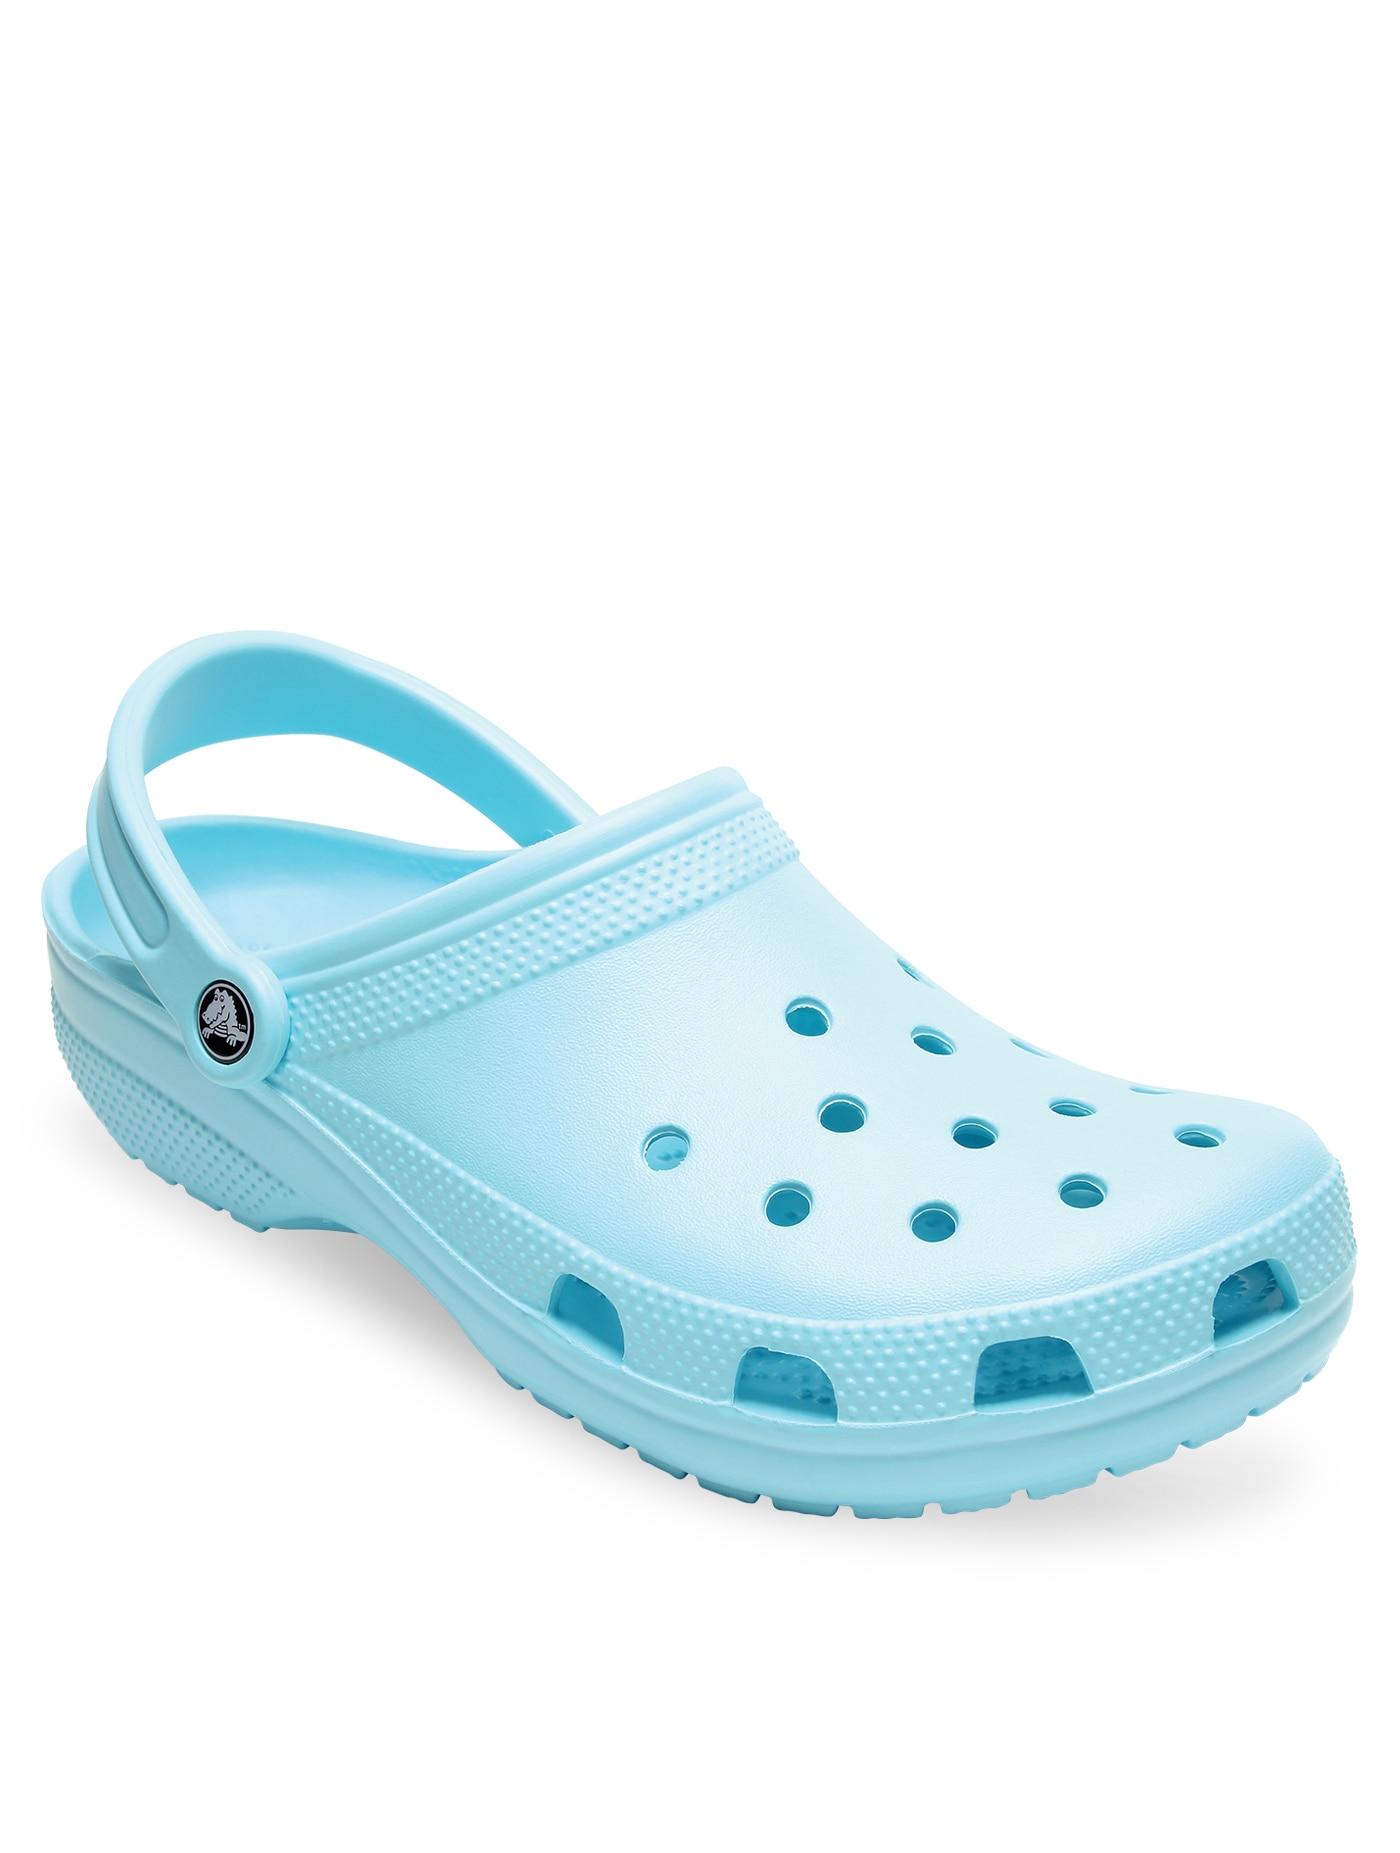 ogromny wybór najlepszy wybór dobra sprzedaż CROCS Unisex's Casual Shoes Classic Size M4/W6 Ice Blu ...